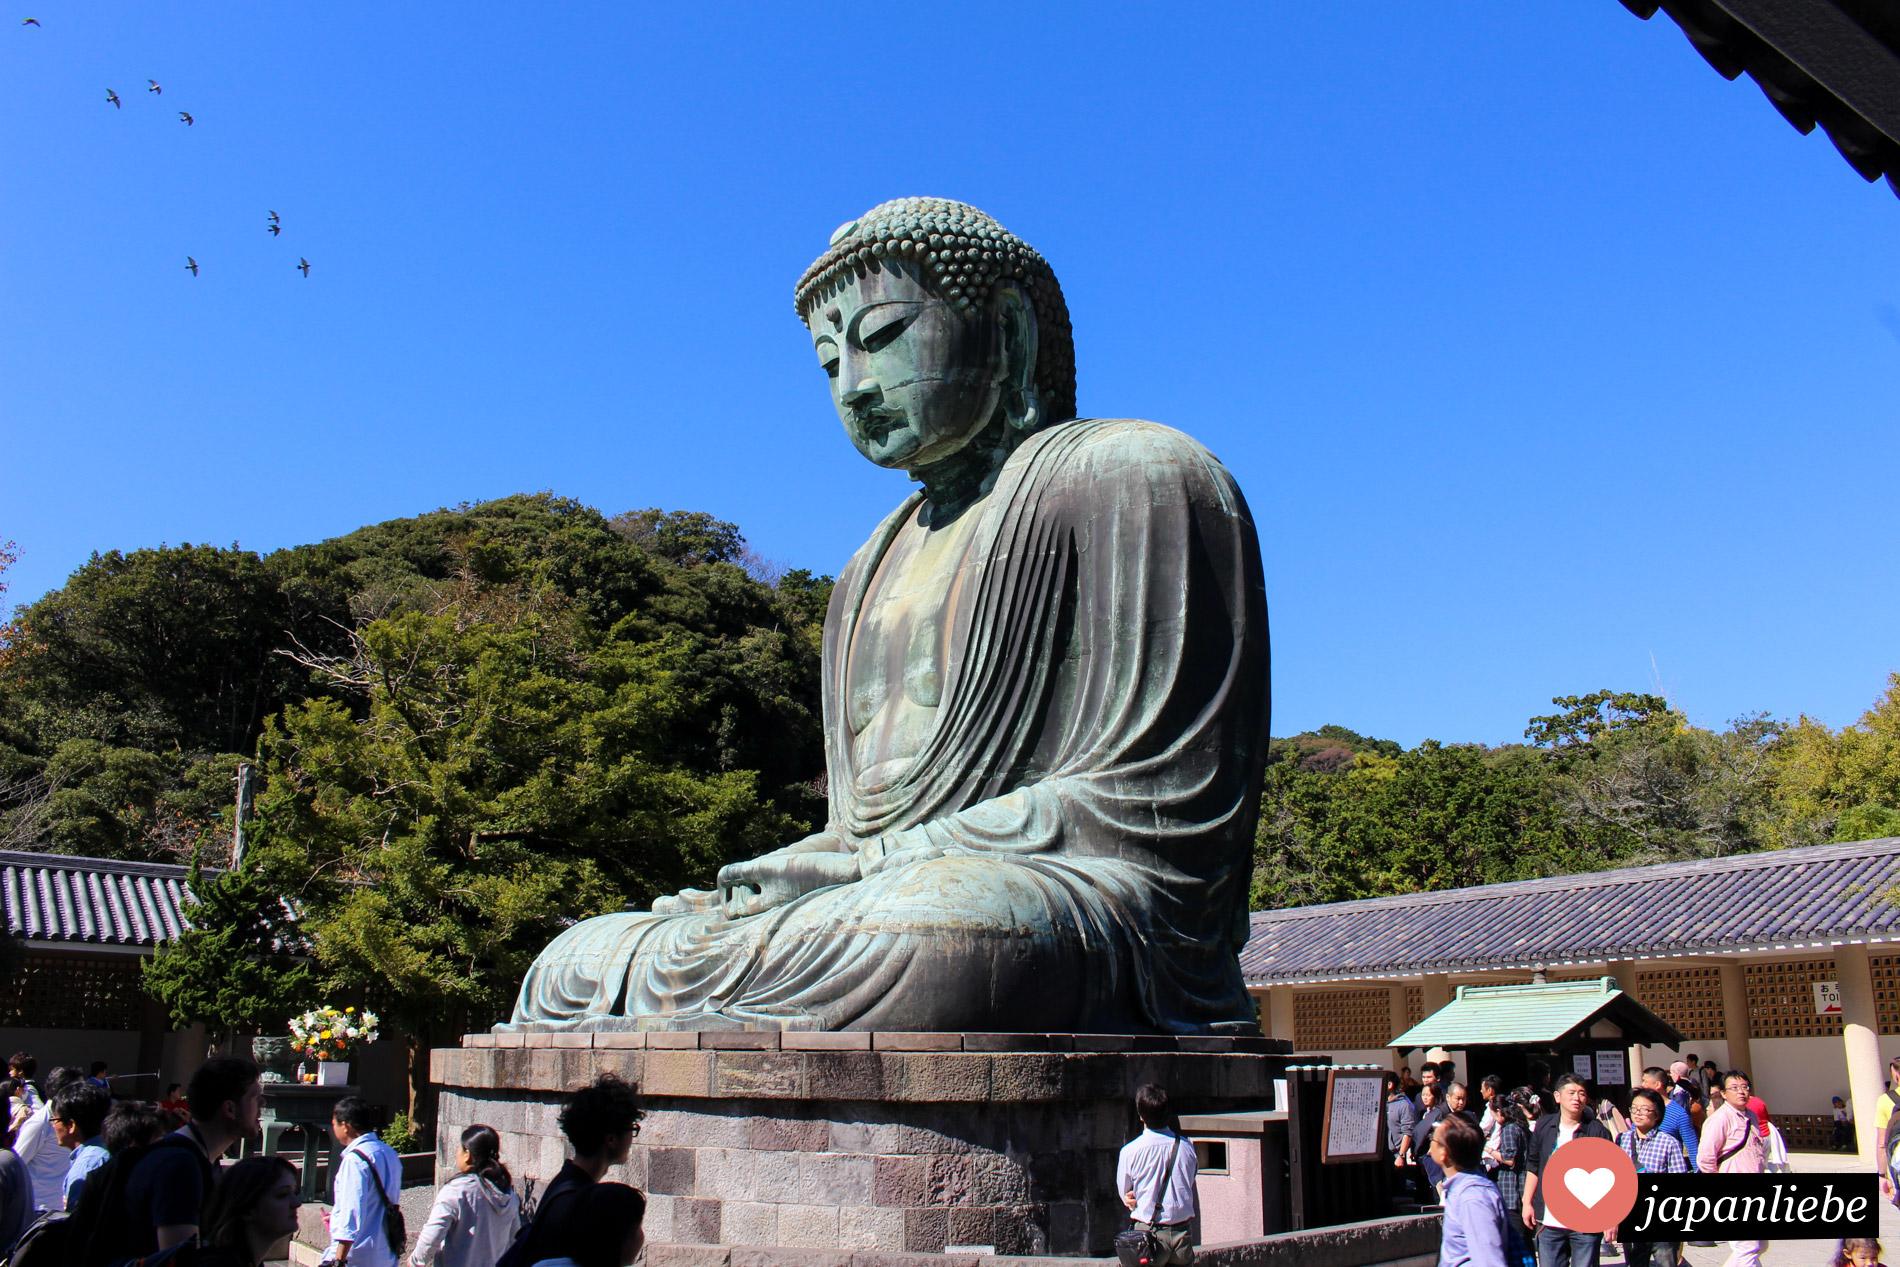 Seit Jahrhunderten sitzt die knapp über 13 Meter hohe Buddhastatue in Kamakura unverändert entspannt auf dem Gelände des Kotoku-in Tempels.